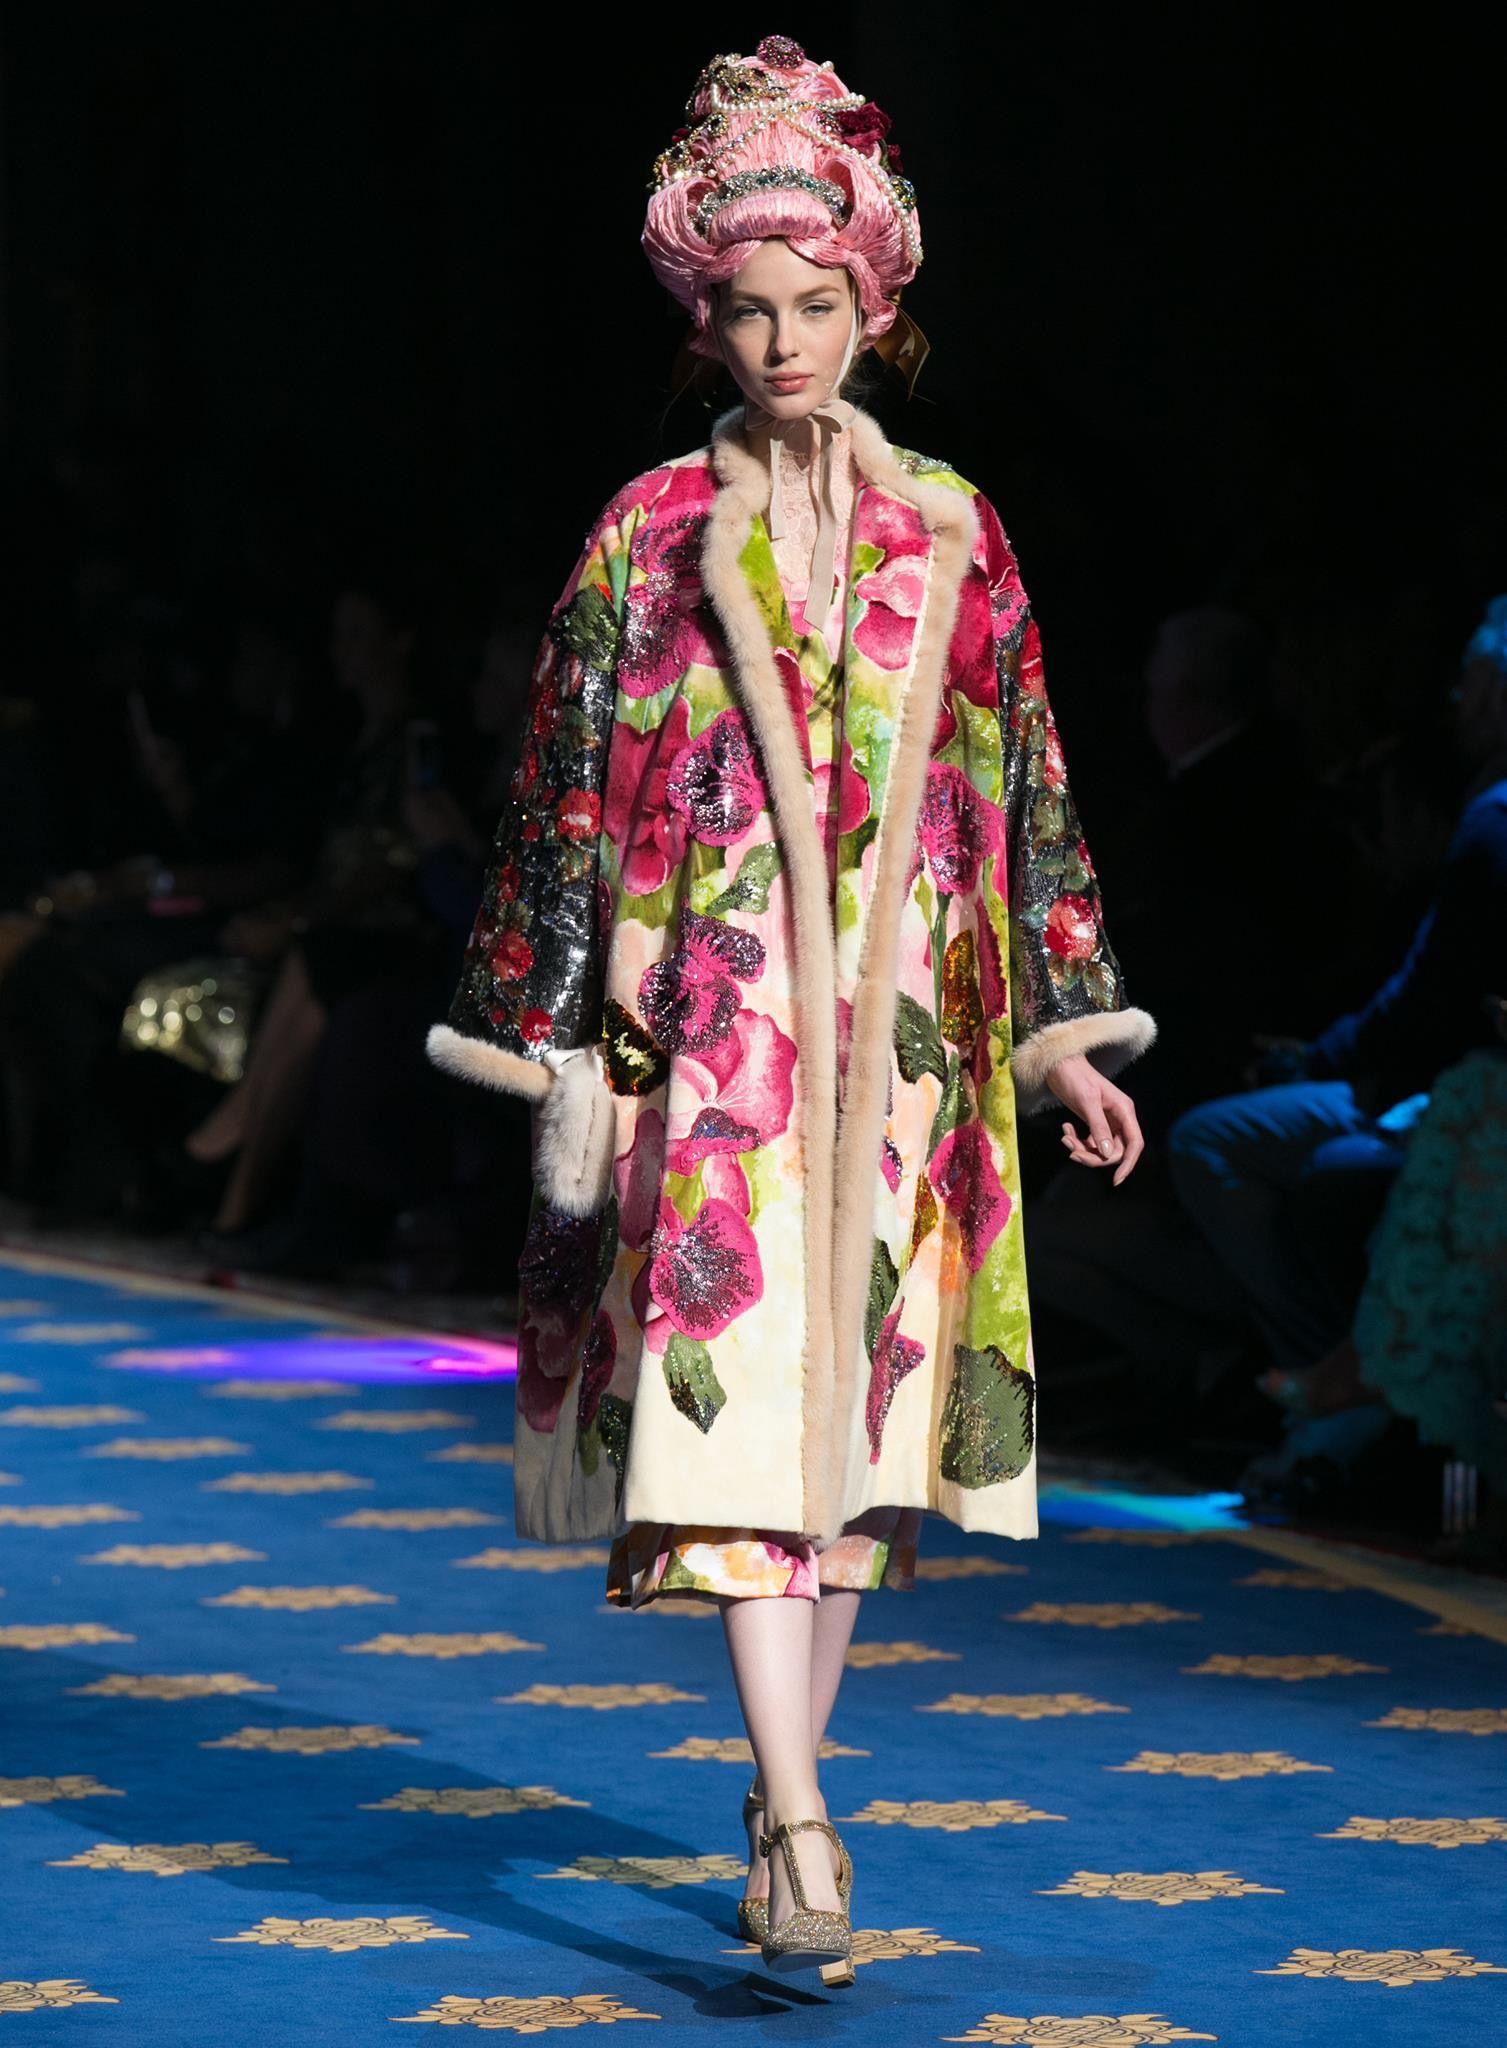 cc Dolce & Gabbana